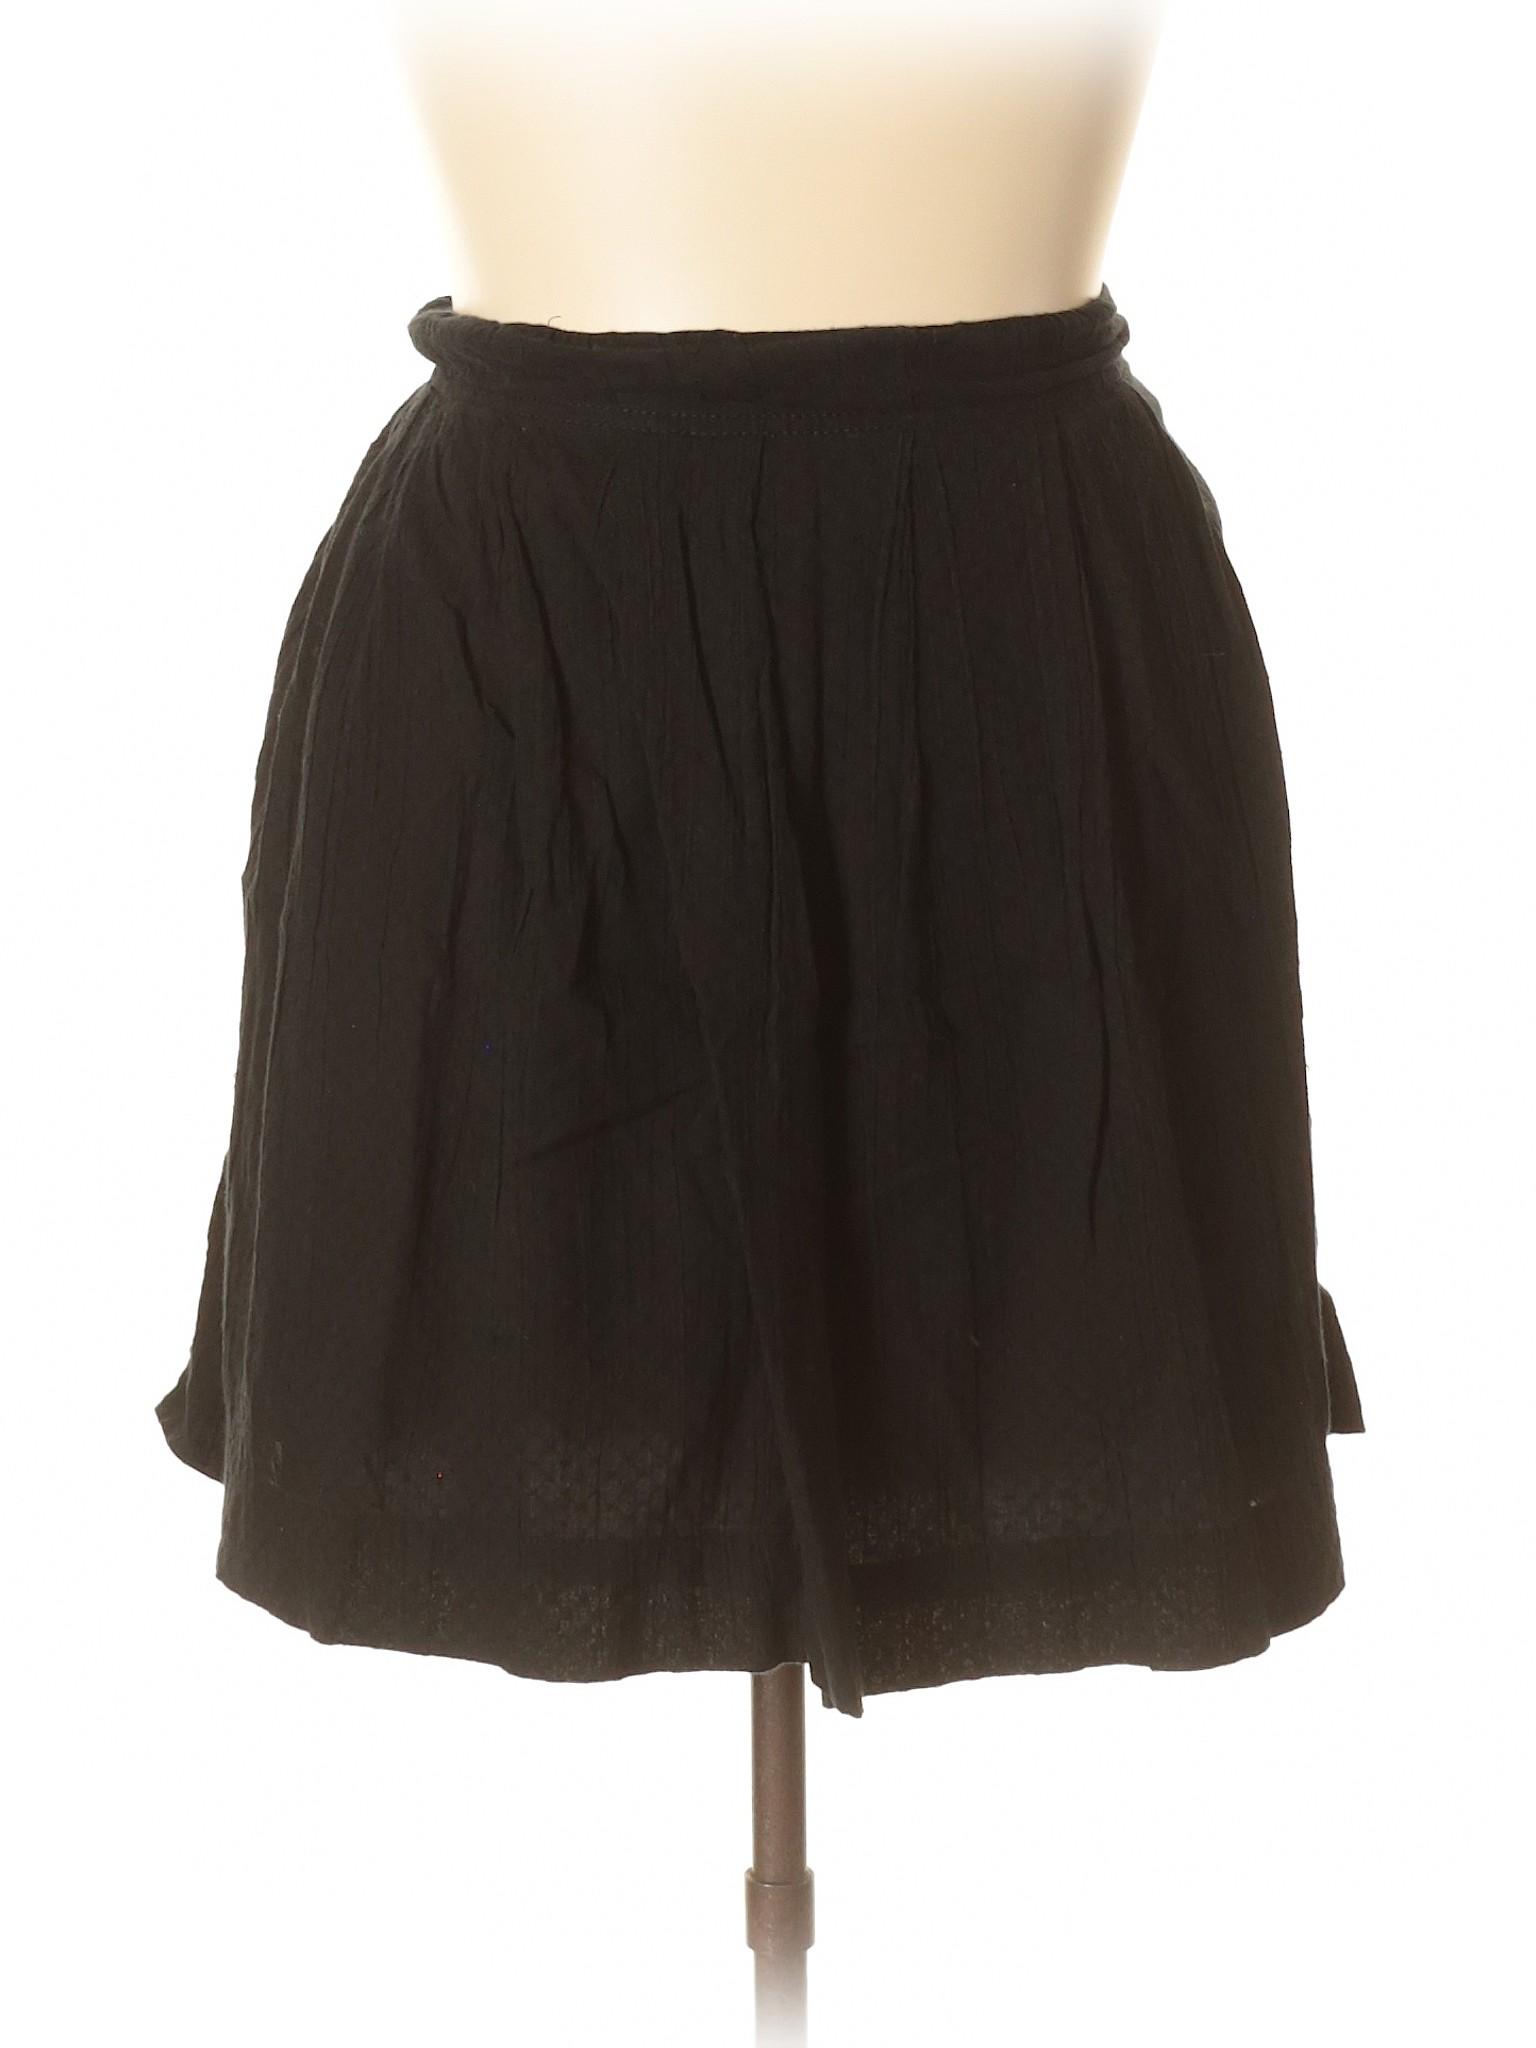 Boutique Boutique Boutique Casual Casual Skirt Skirt Casual w0Txn85qz